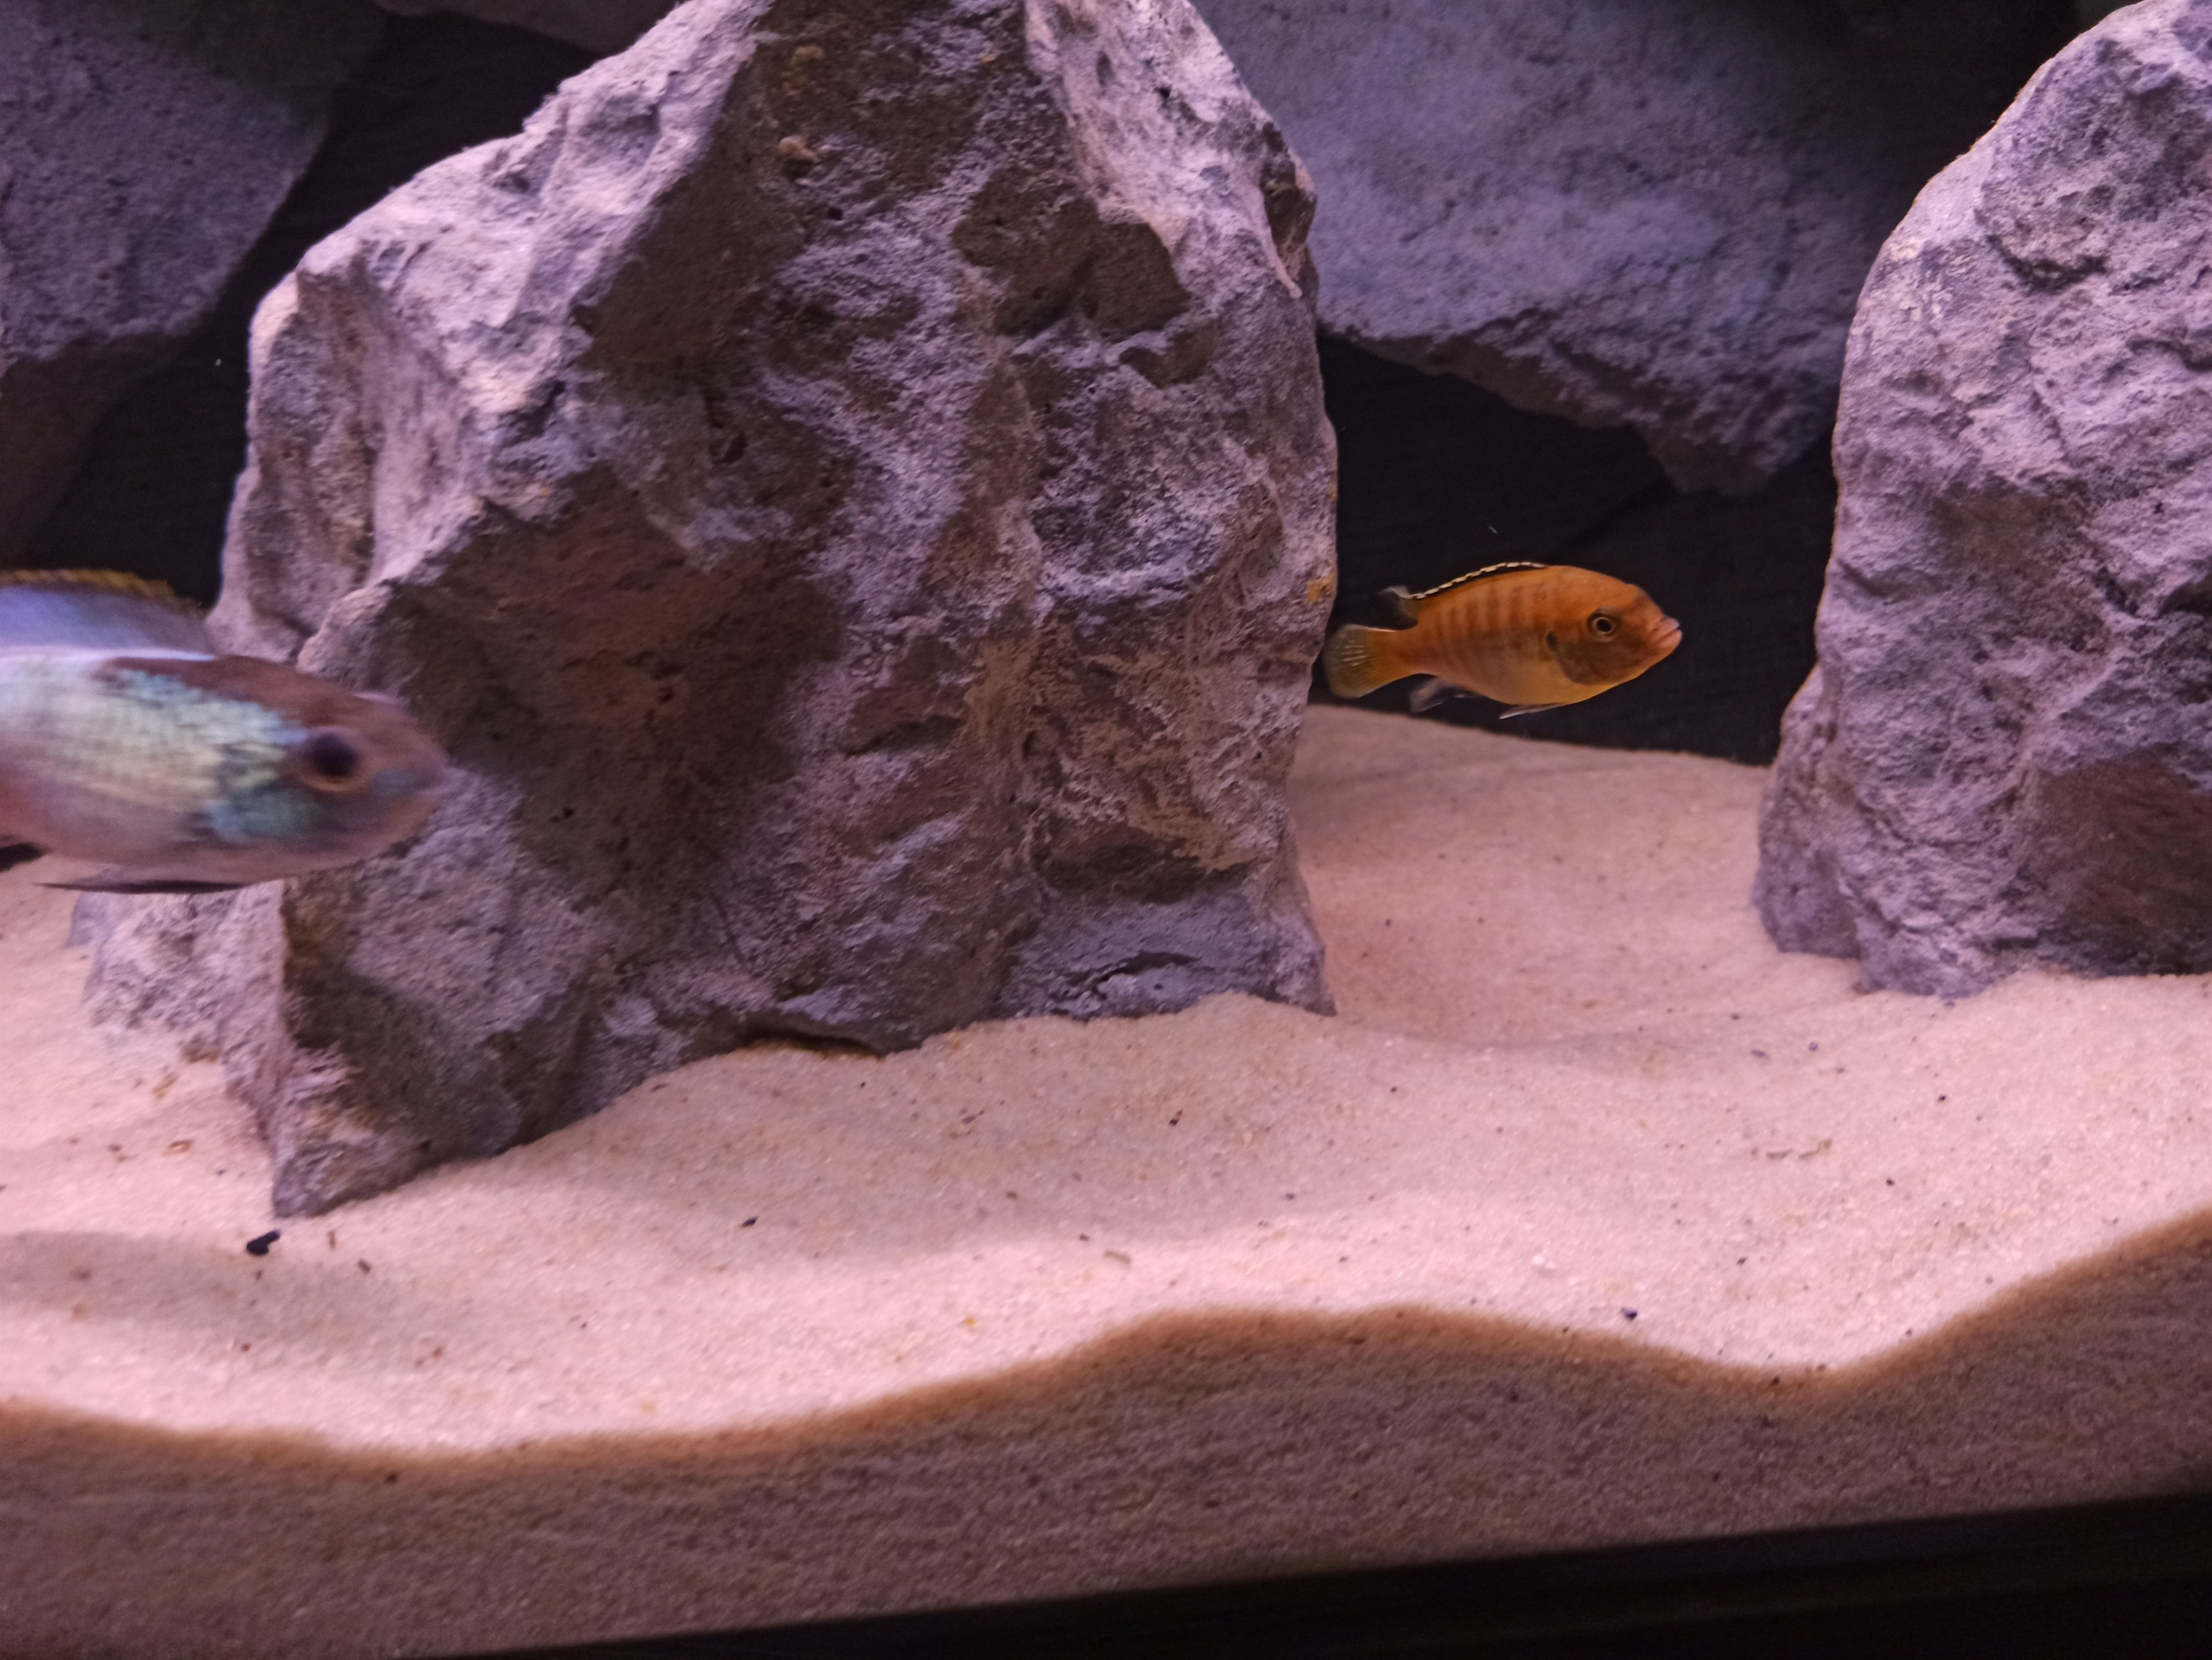 dimitris aquarium-2.jpg